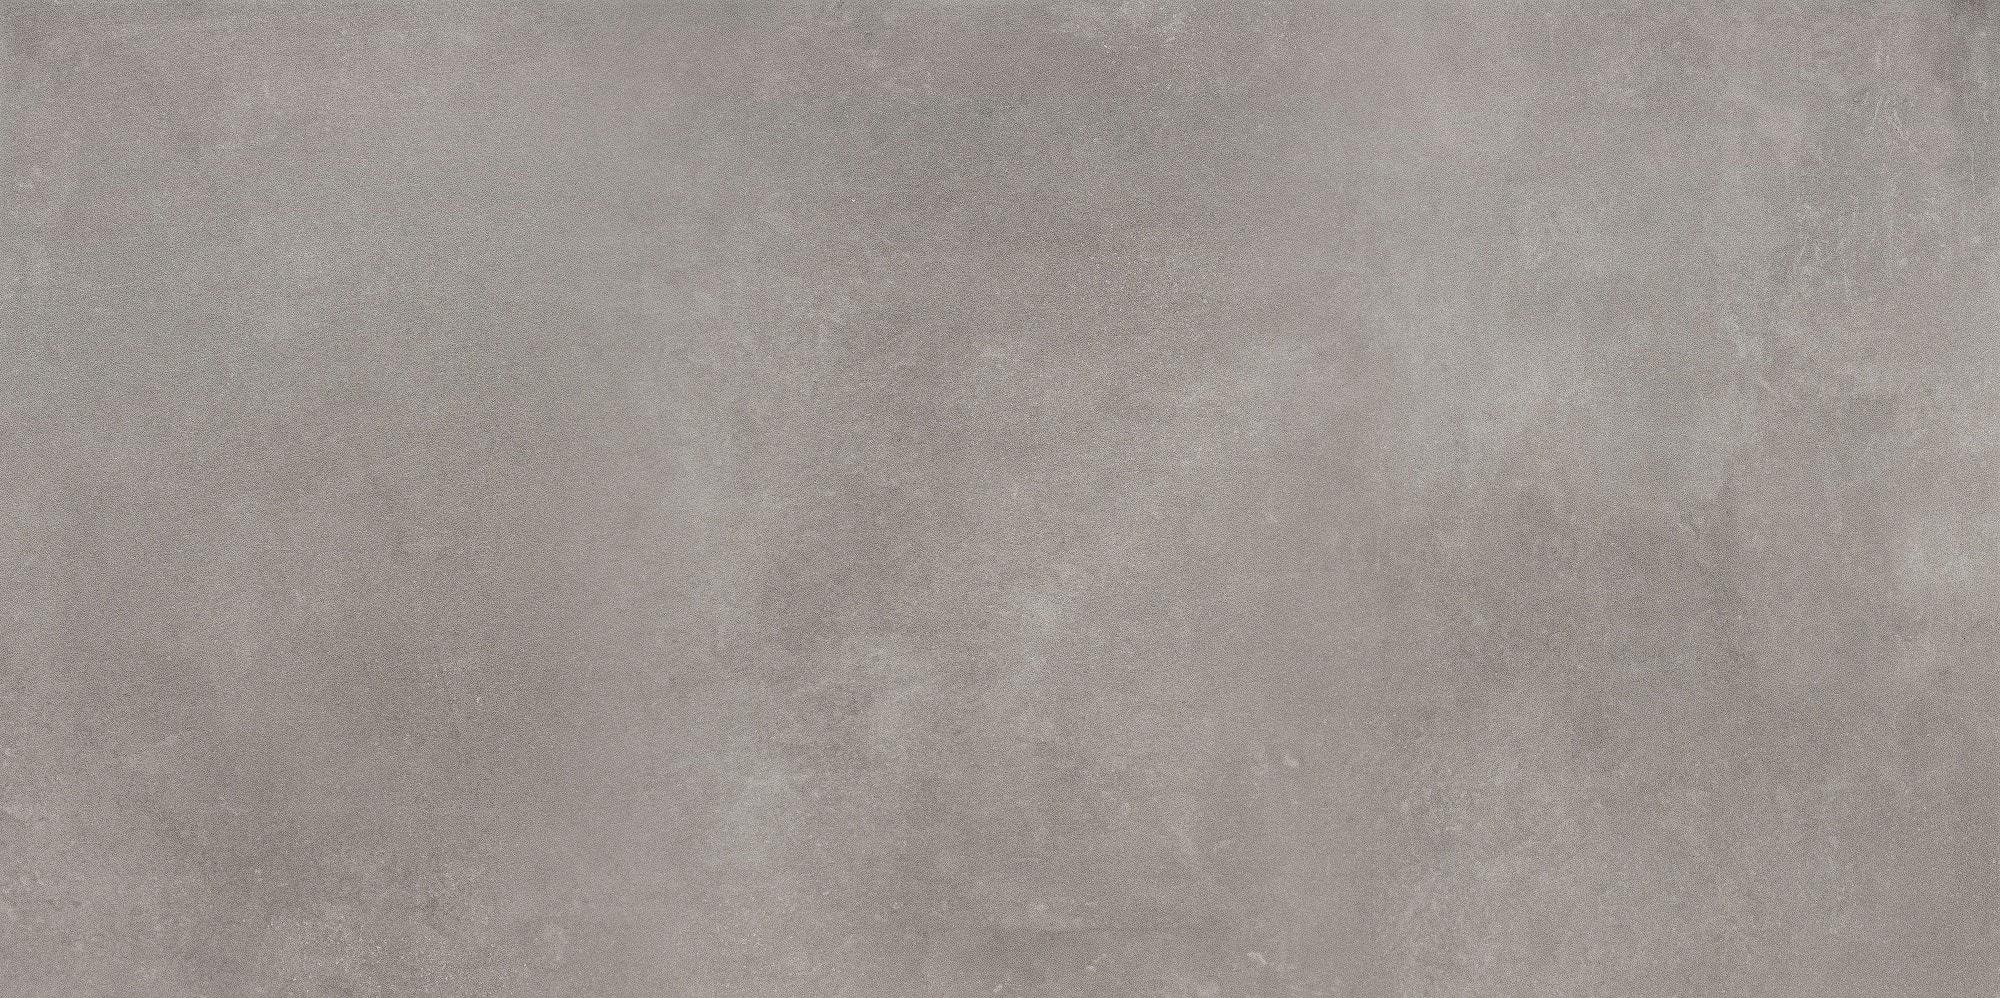 Płytka podłogowa Cerrad Tassero Gris 1197x597x10mm 20871